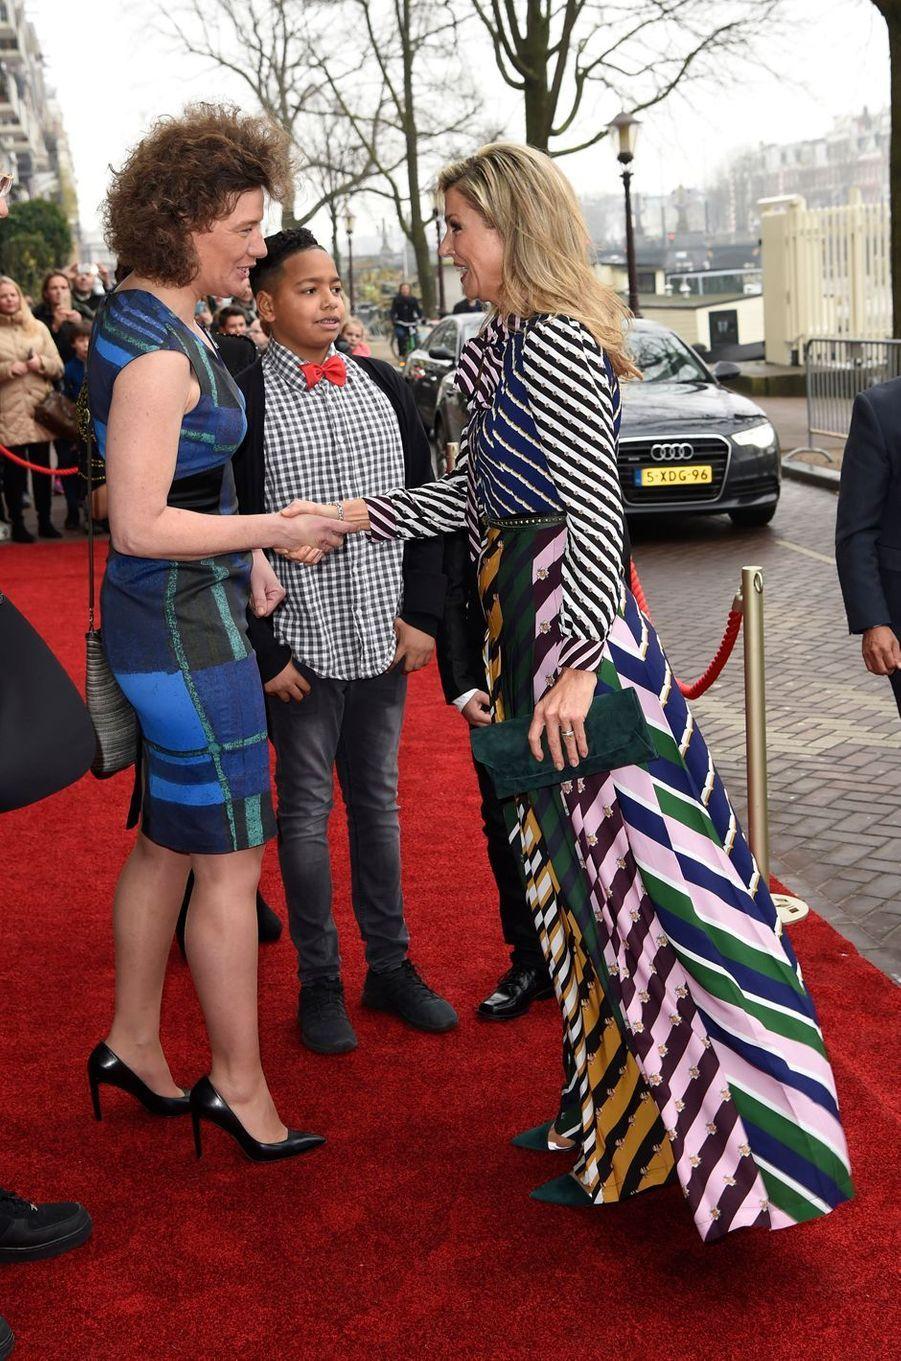 La reine Maxima des Pays-Bas arrive au Theater Carré à Amsterdam, le 9 décembre 2016